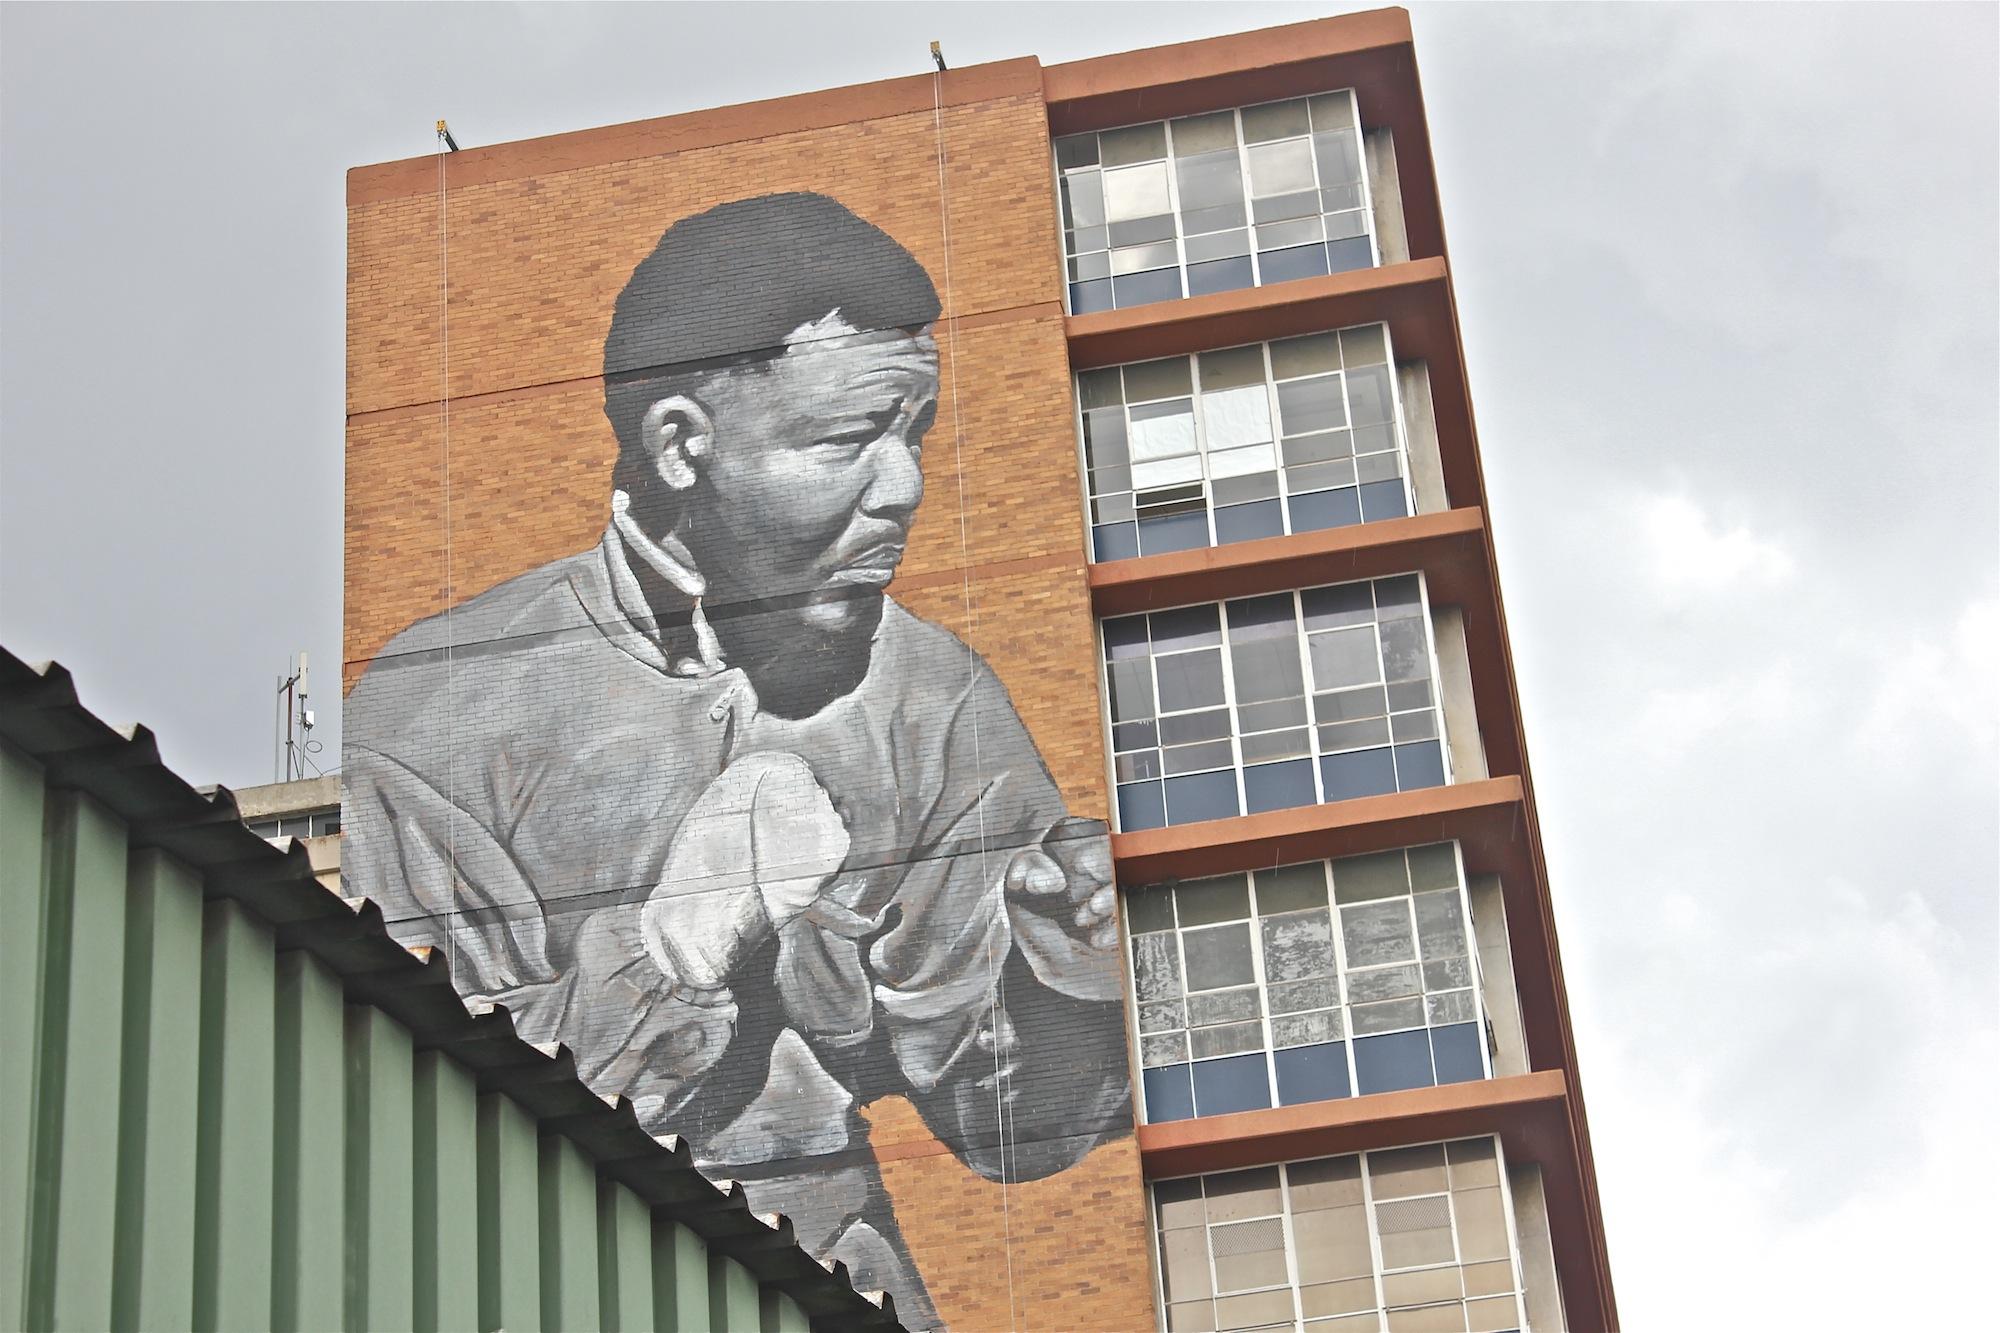 Madiba memorial mural in Maboneng Precinct